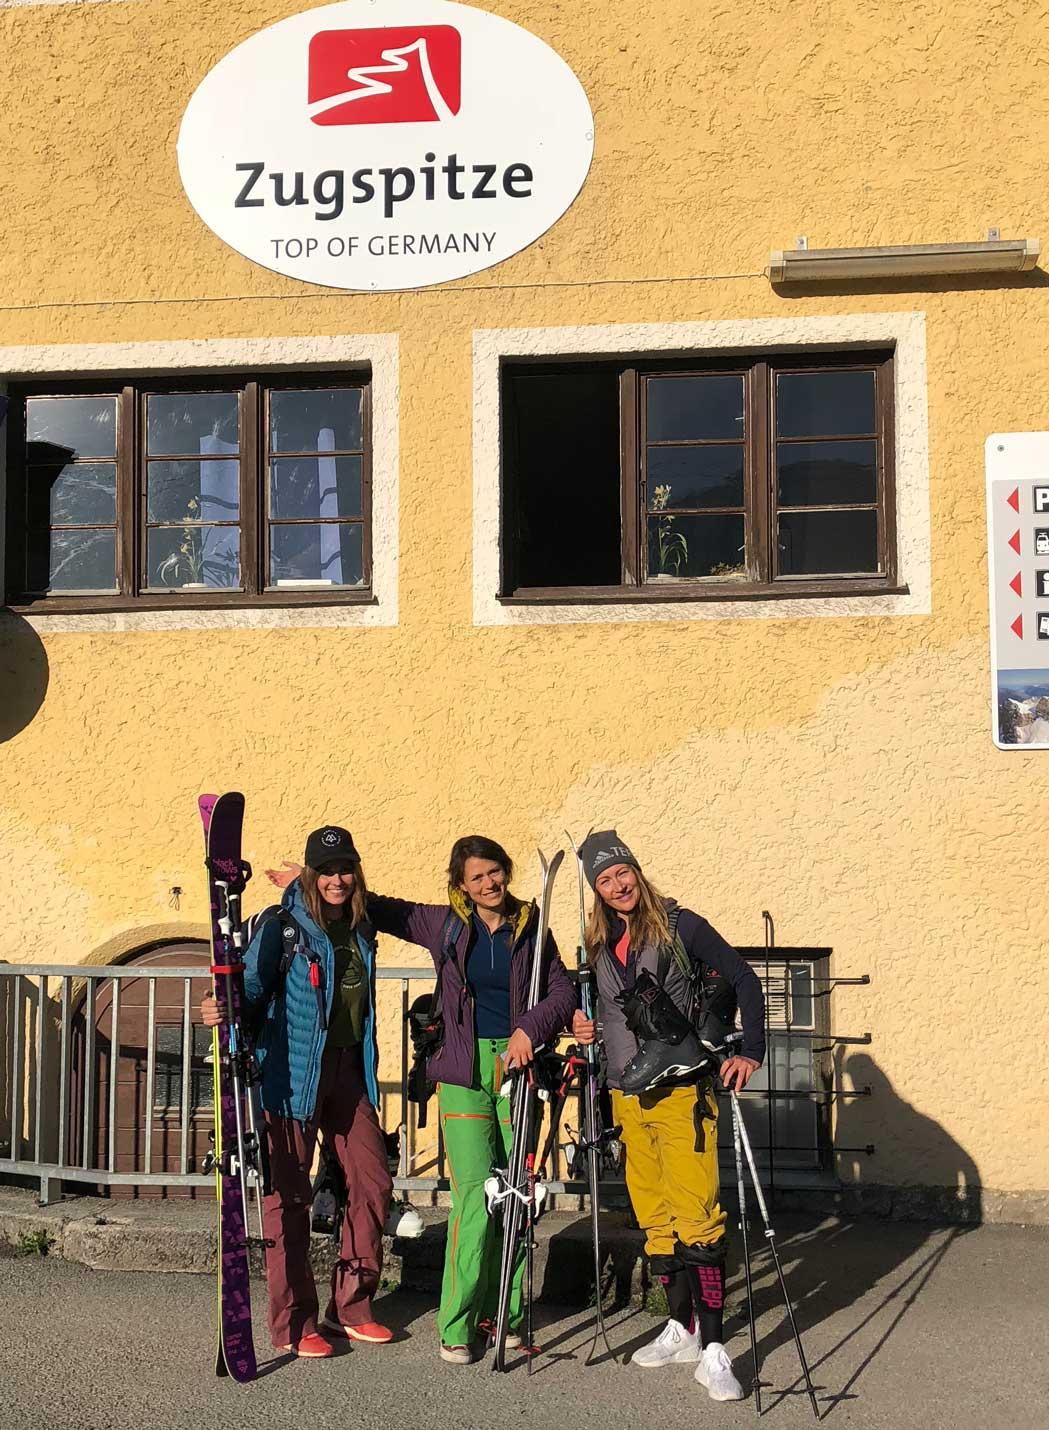 mit-dem-zug-skifahren-zugspitze-munichmountaingirls